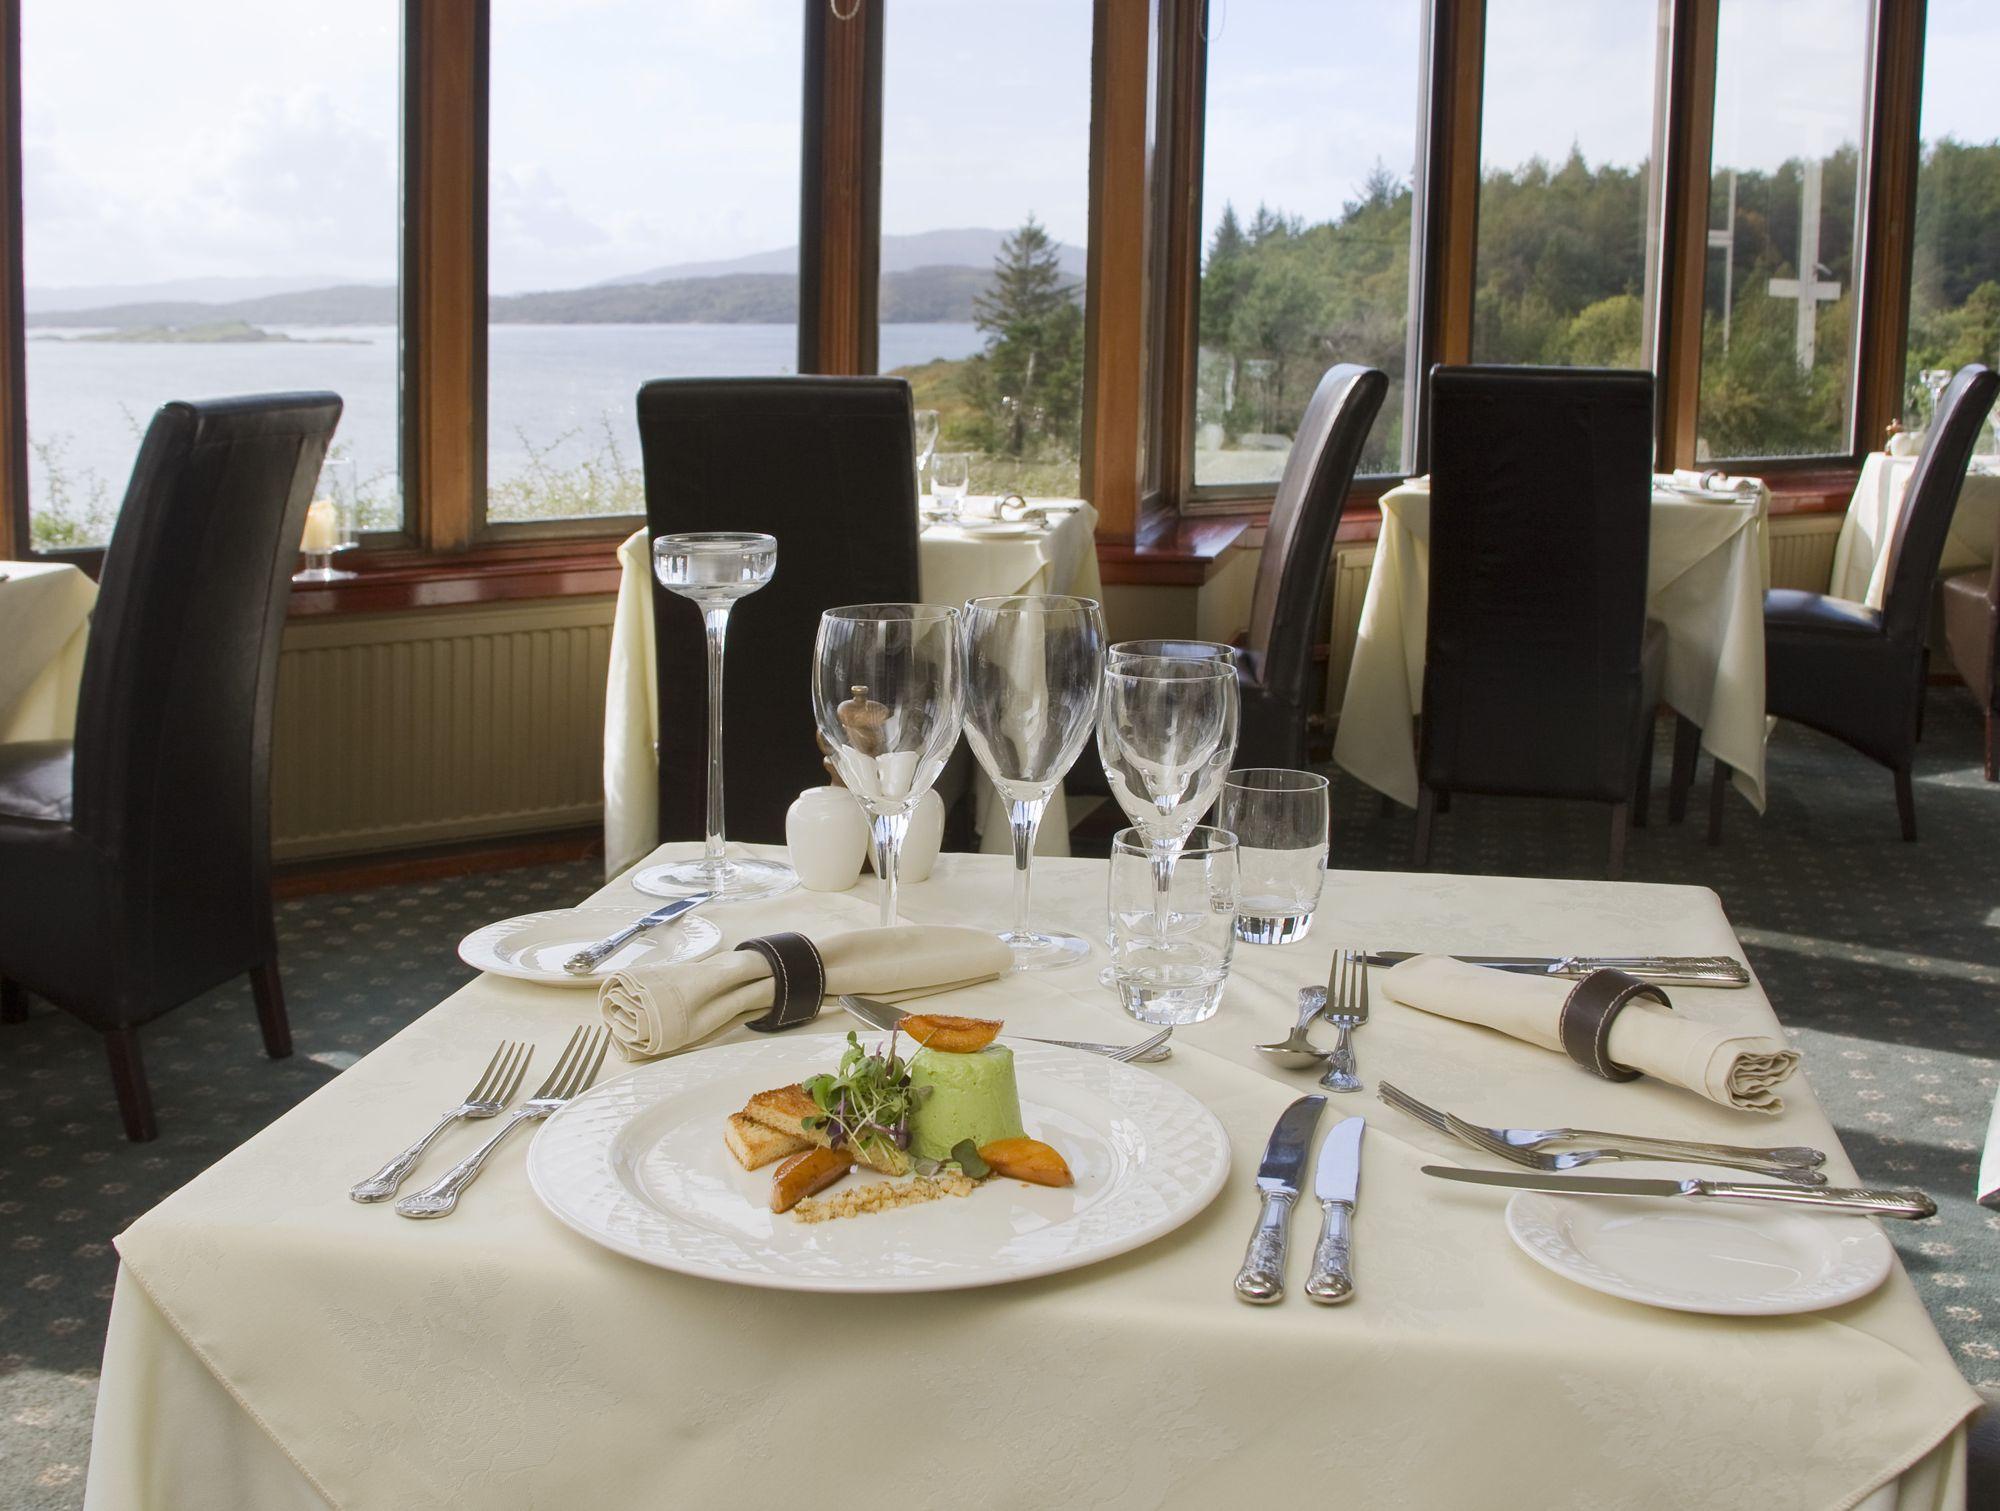 Loch Melfort Hotel and Restaurant